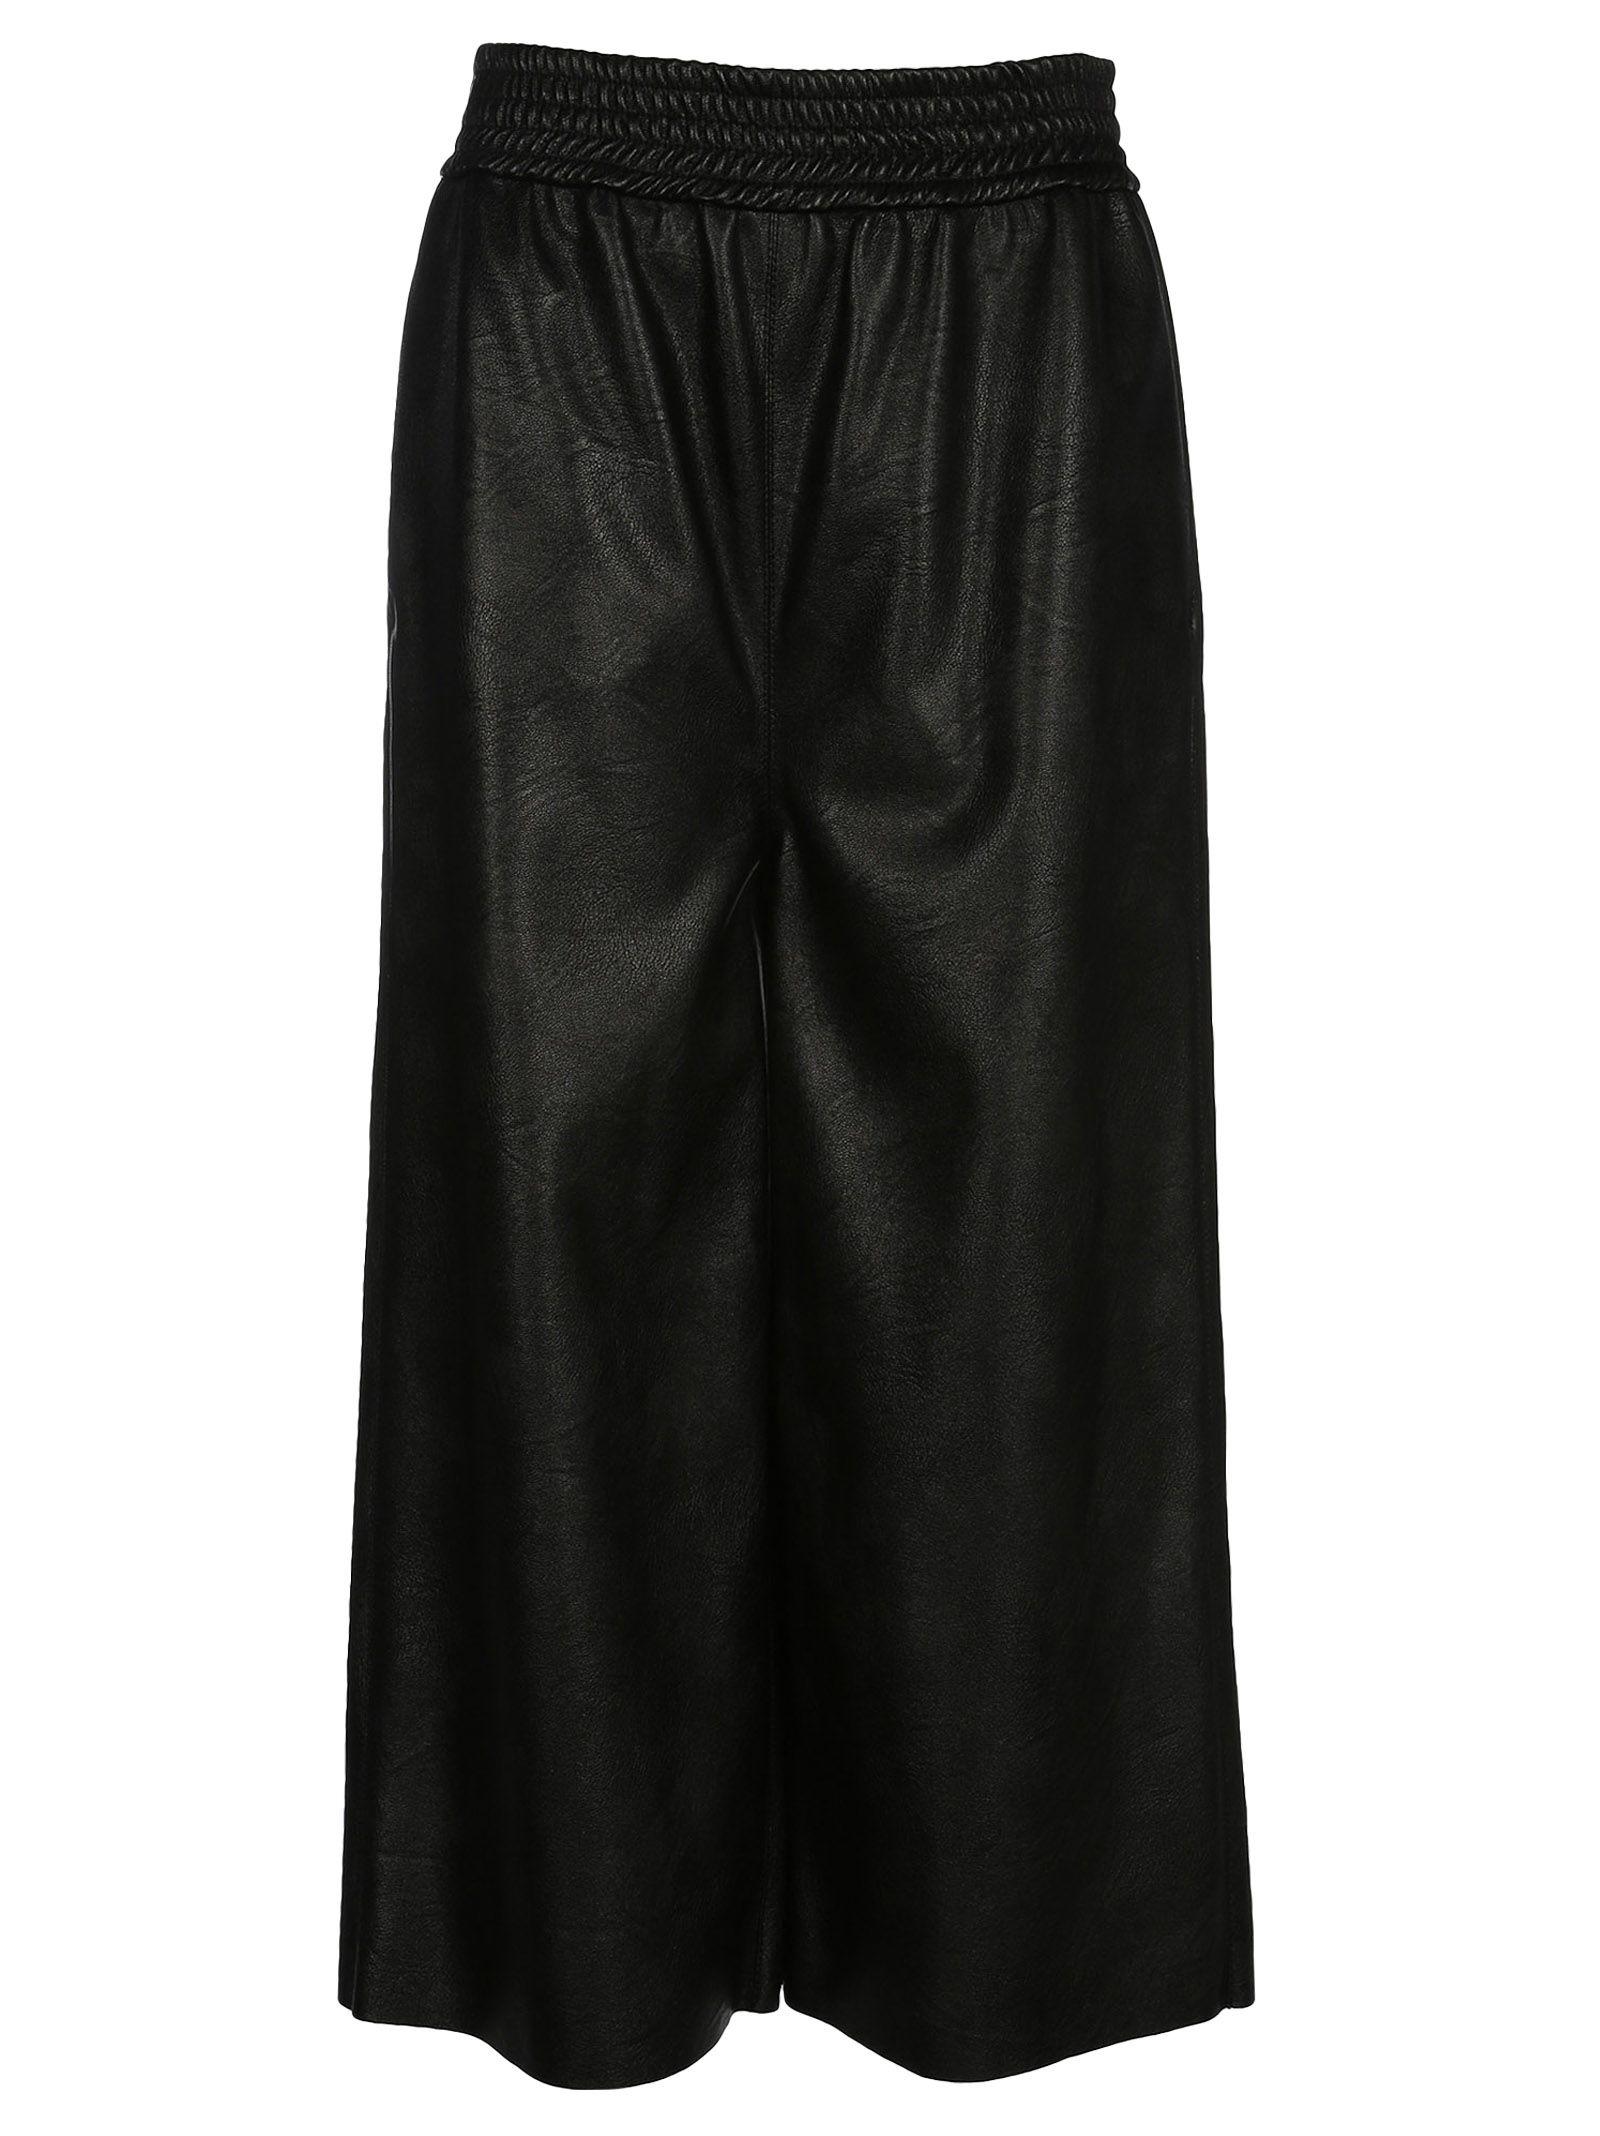 Stella Mccartney Mya Skin-free-skin Trousers